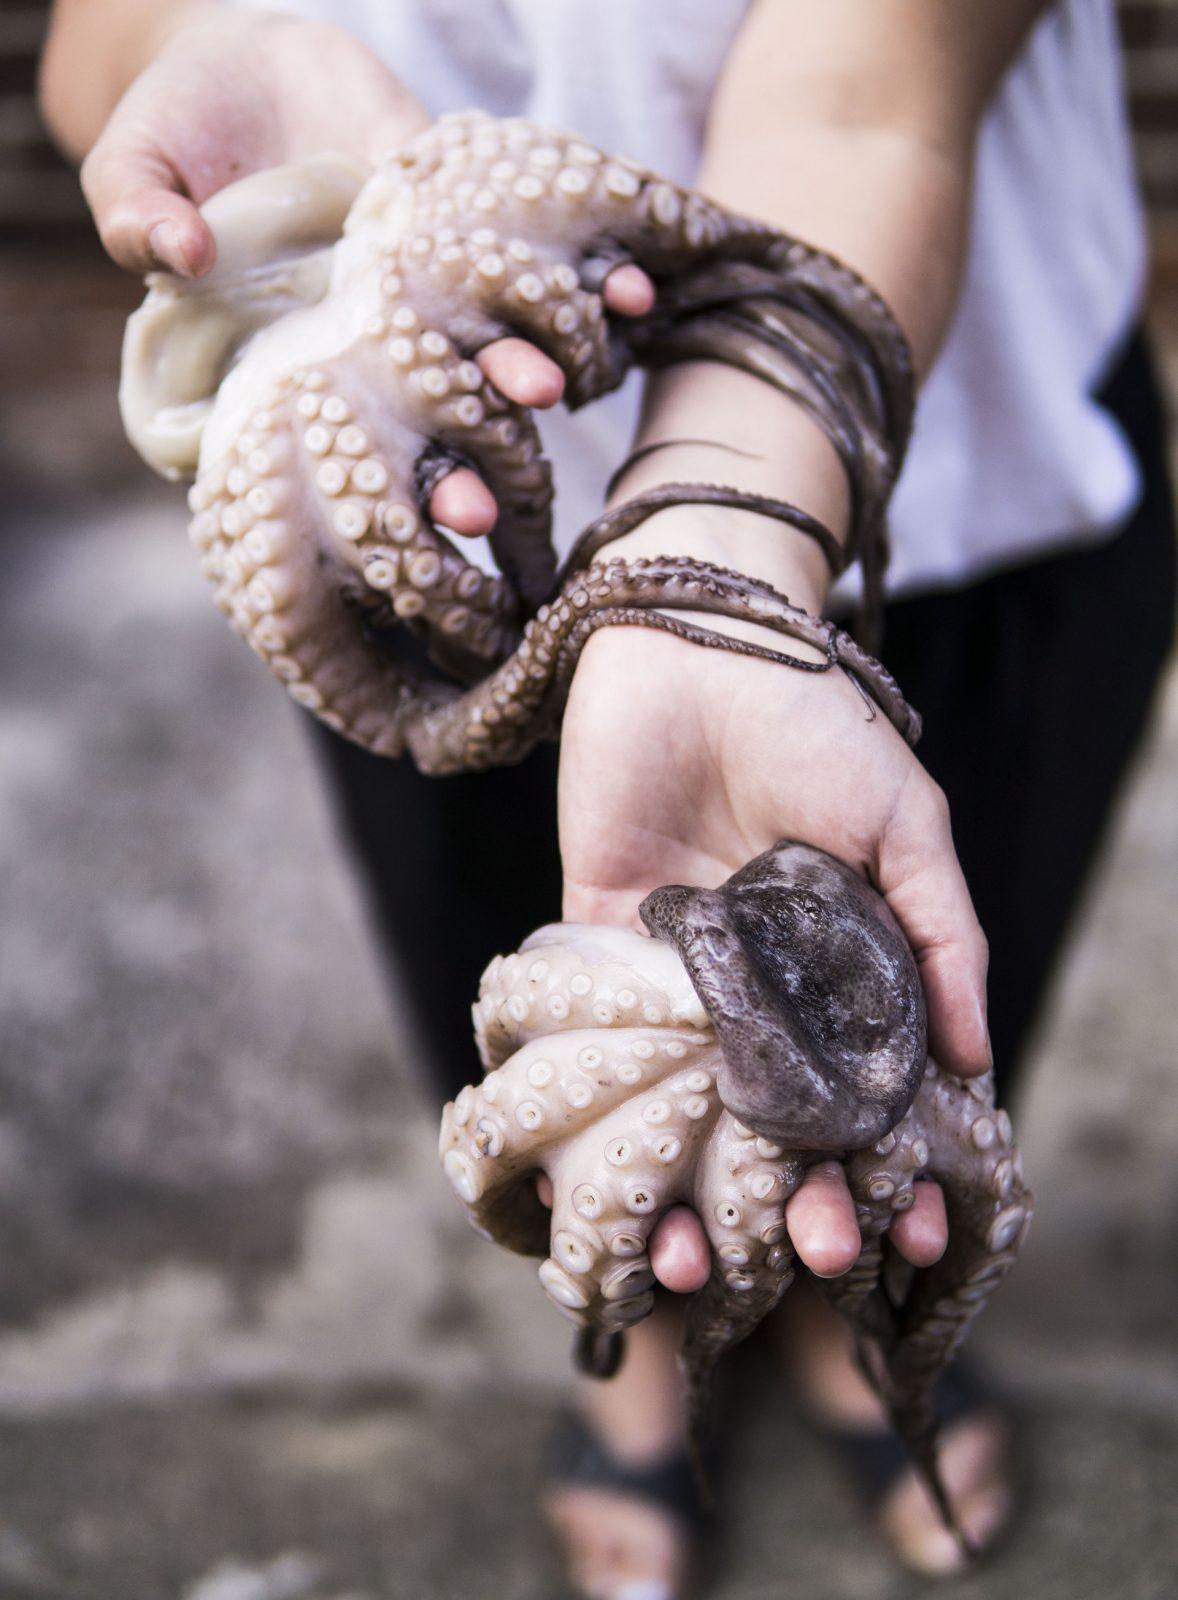 O polvo é um animal marinho, molusco, que possúi vários tentáculos com ventosas.